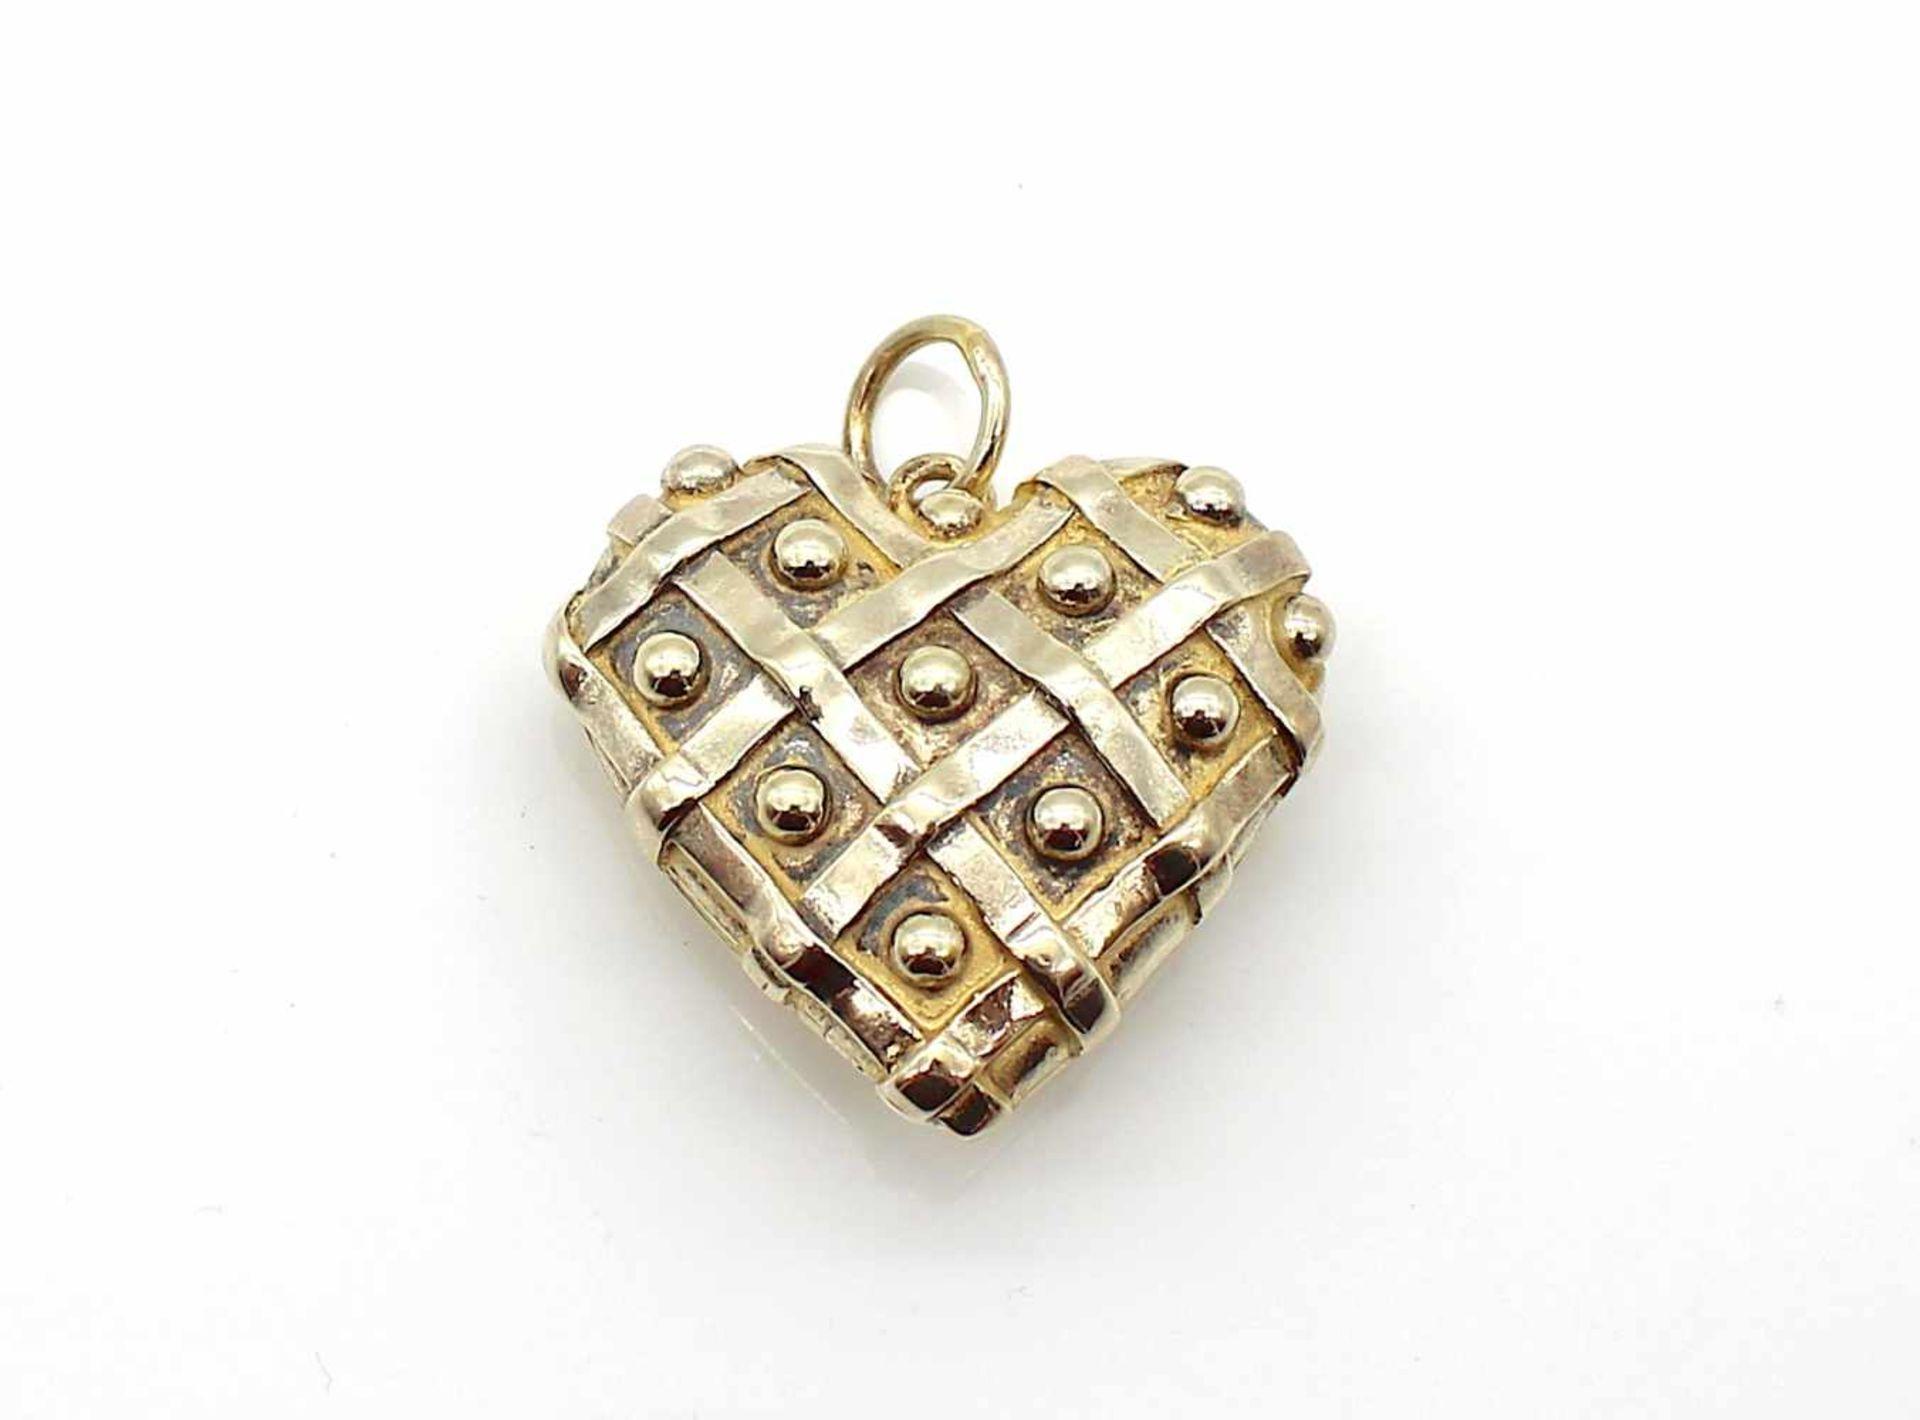 Los 55 - Herz 925er Silber vergoldet, 34,3 g